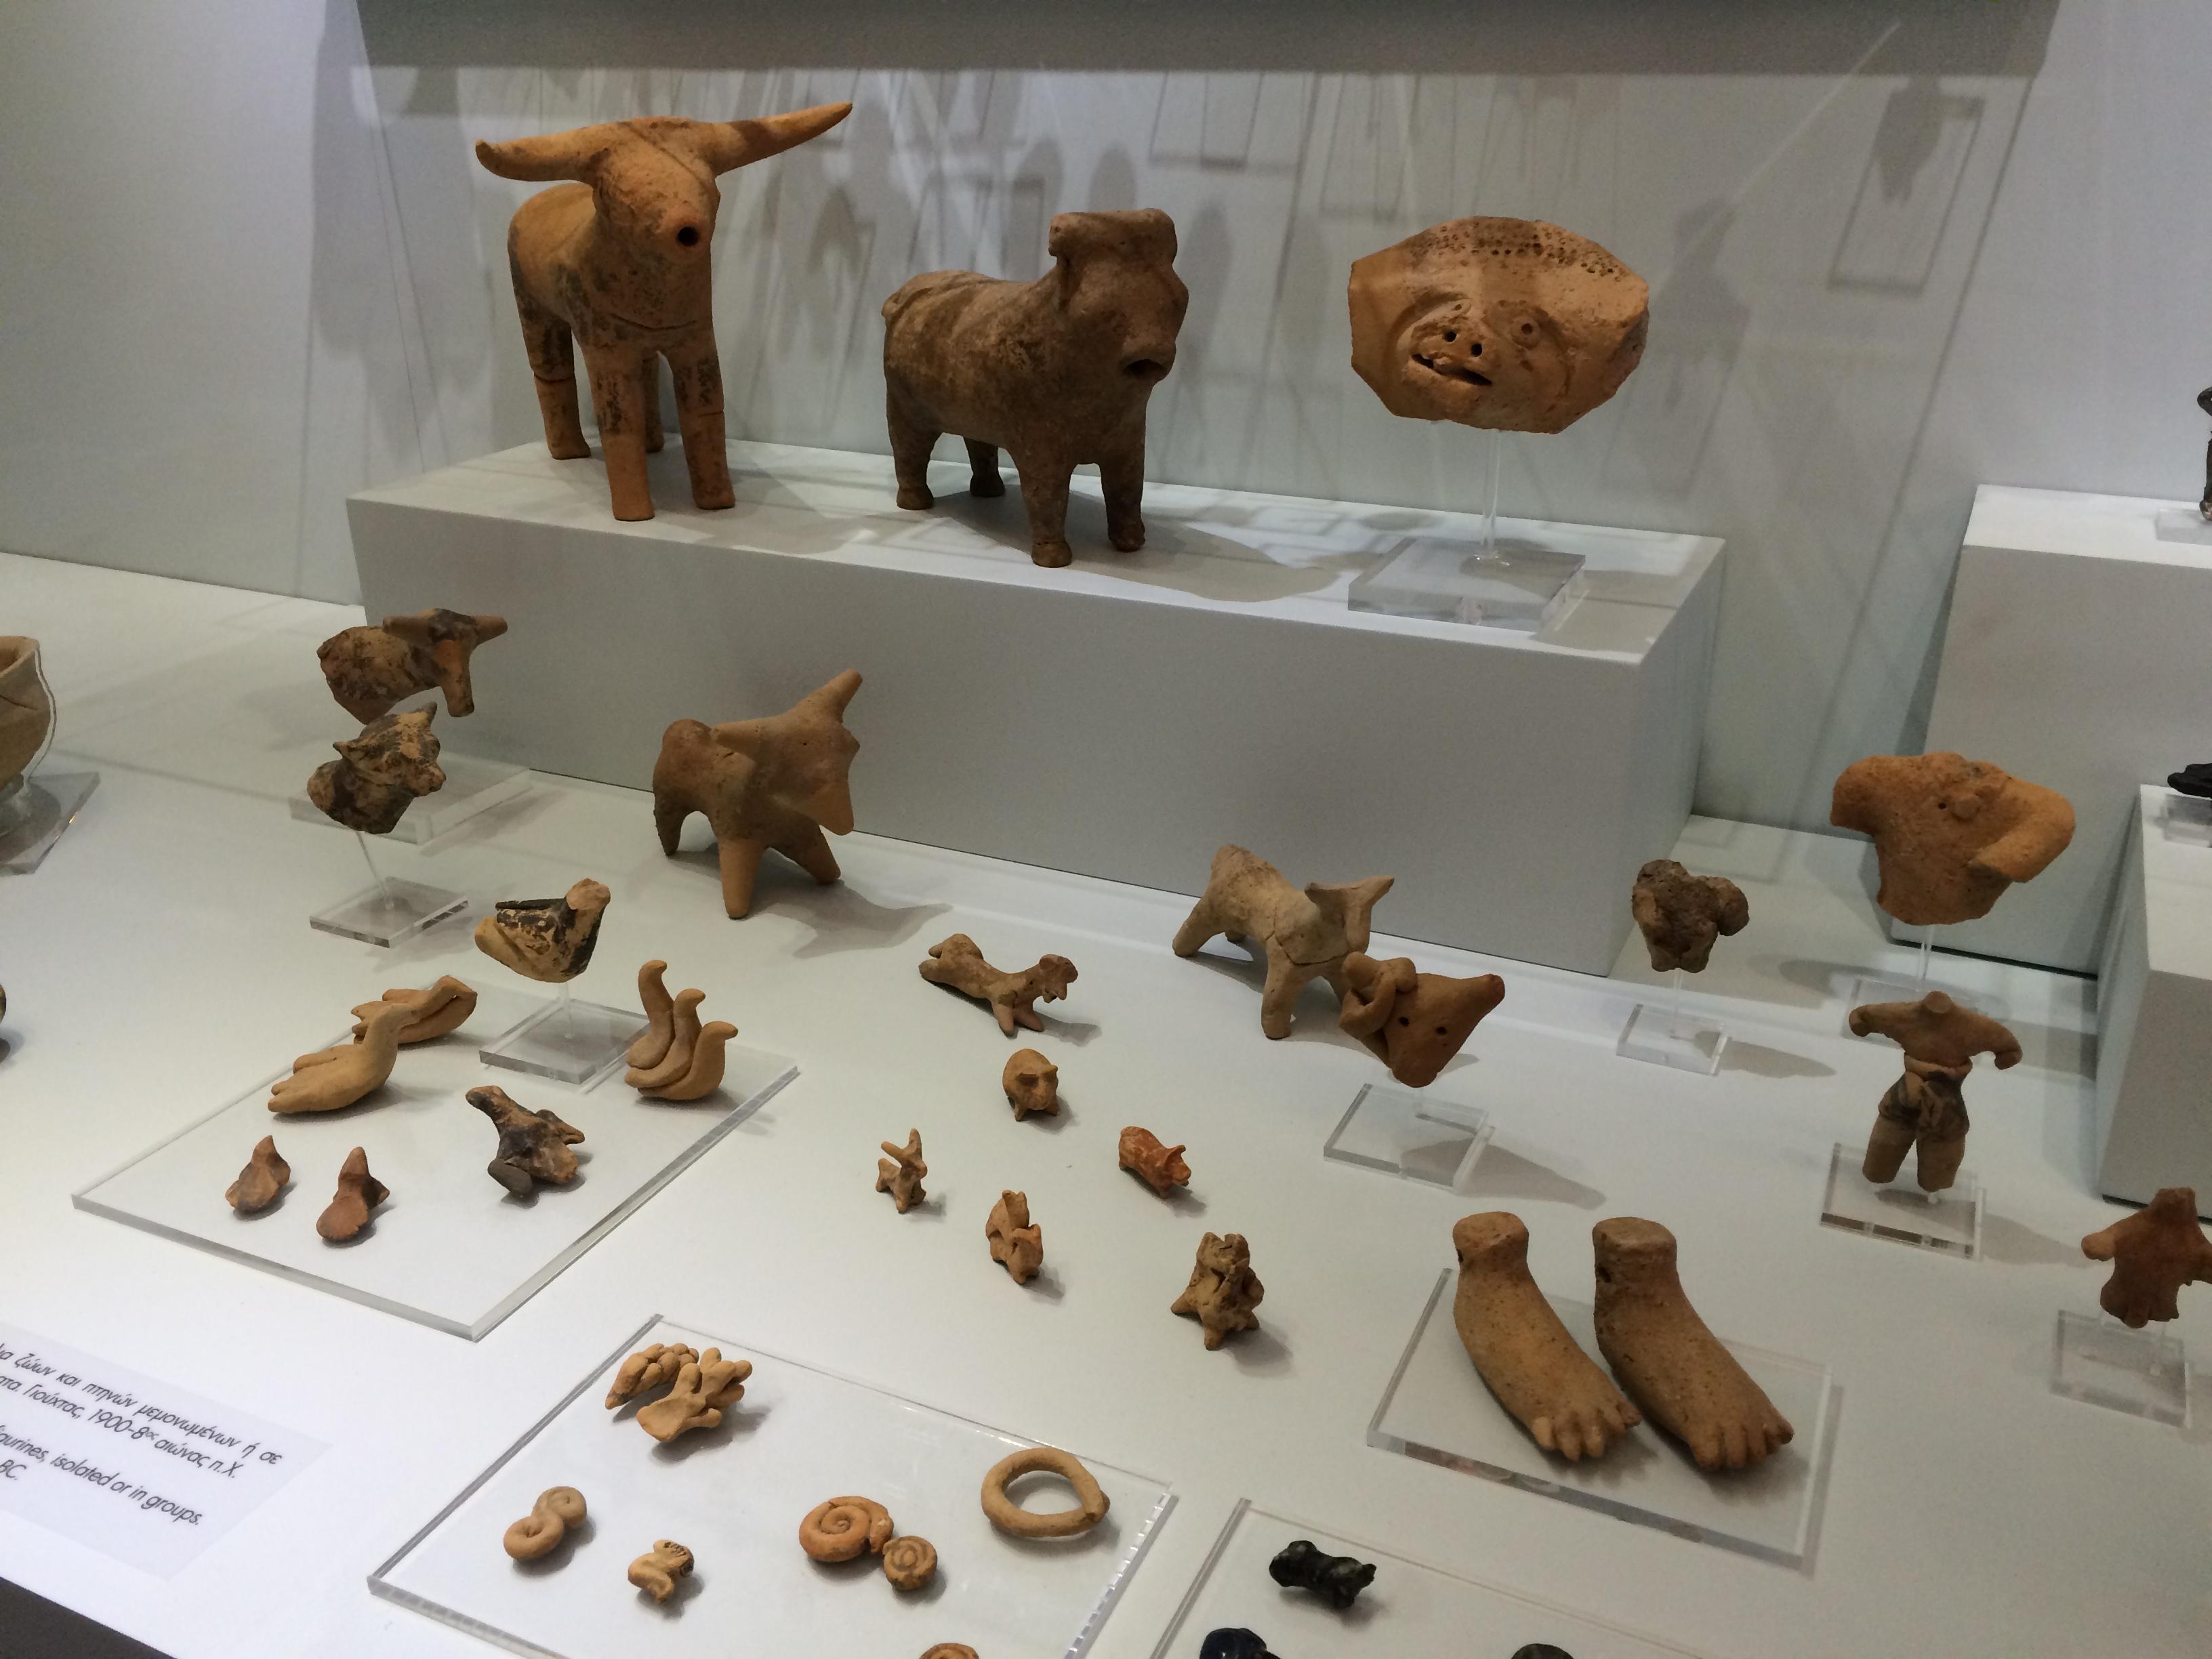 Minoan Art - Bulls, Feet, Artefacts